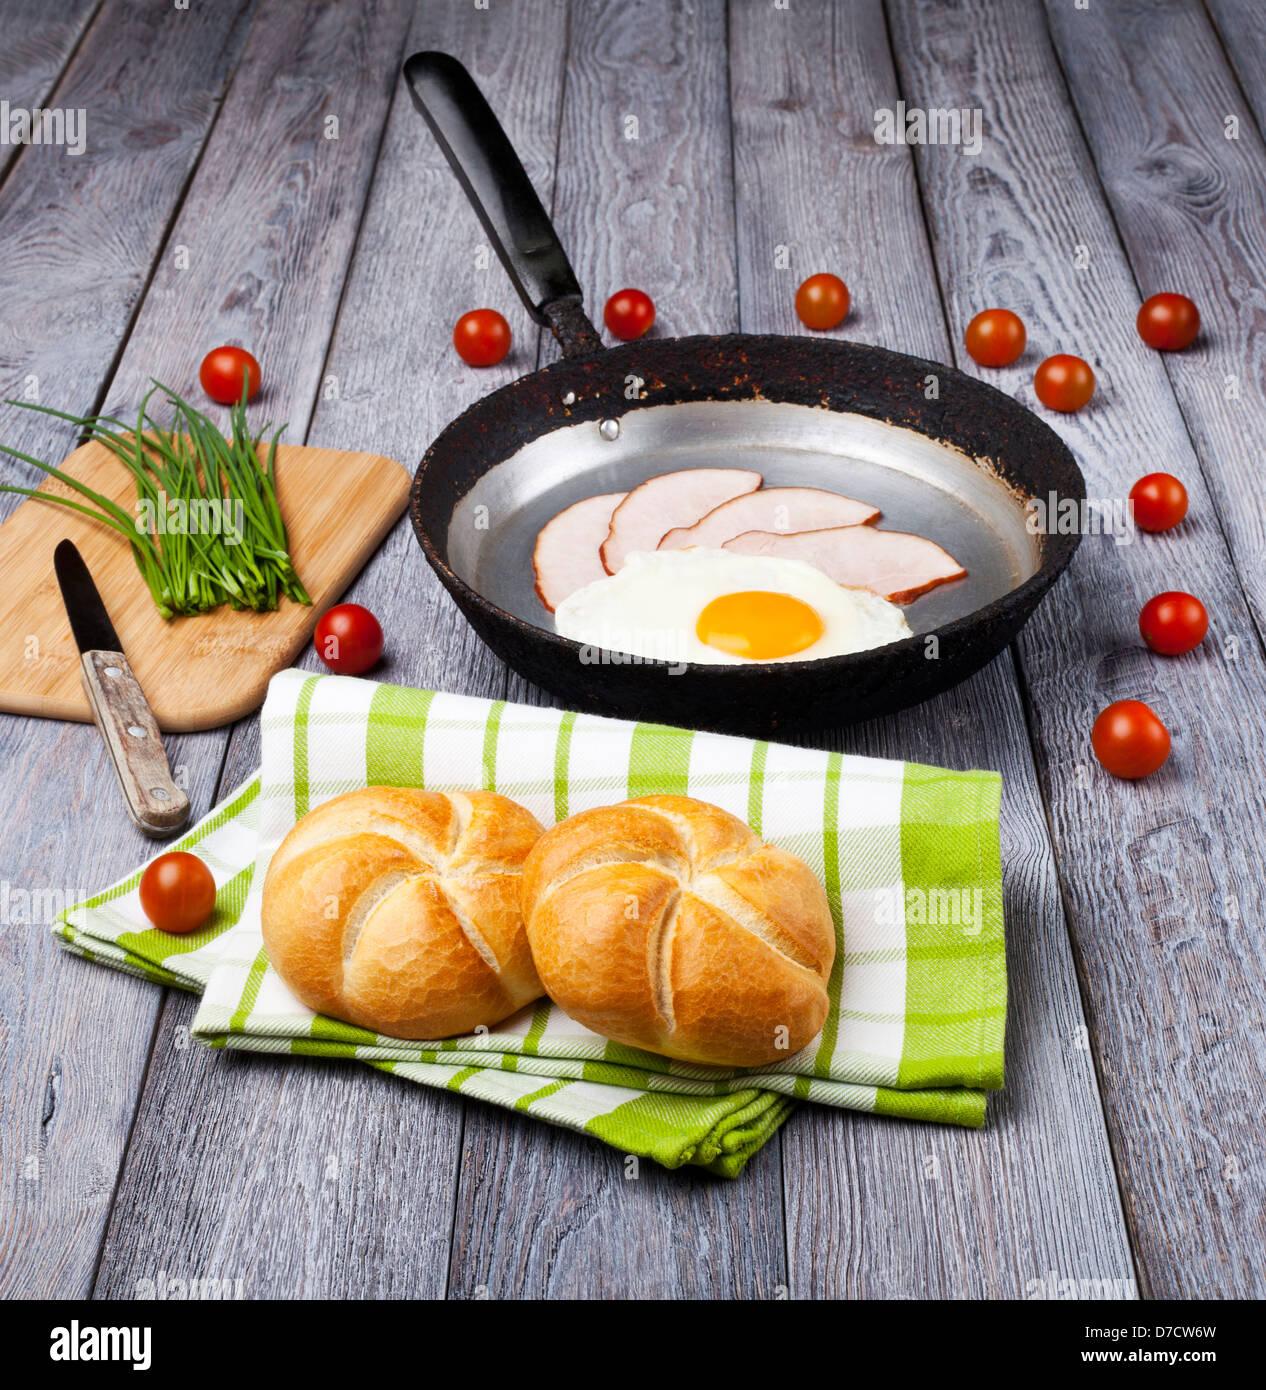 Uovo fritto e prosciutto prima colazione Immagini Stock